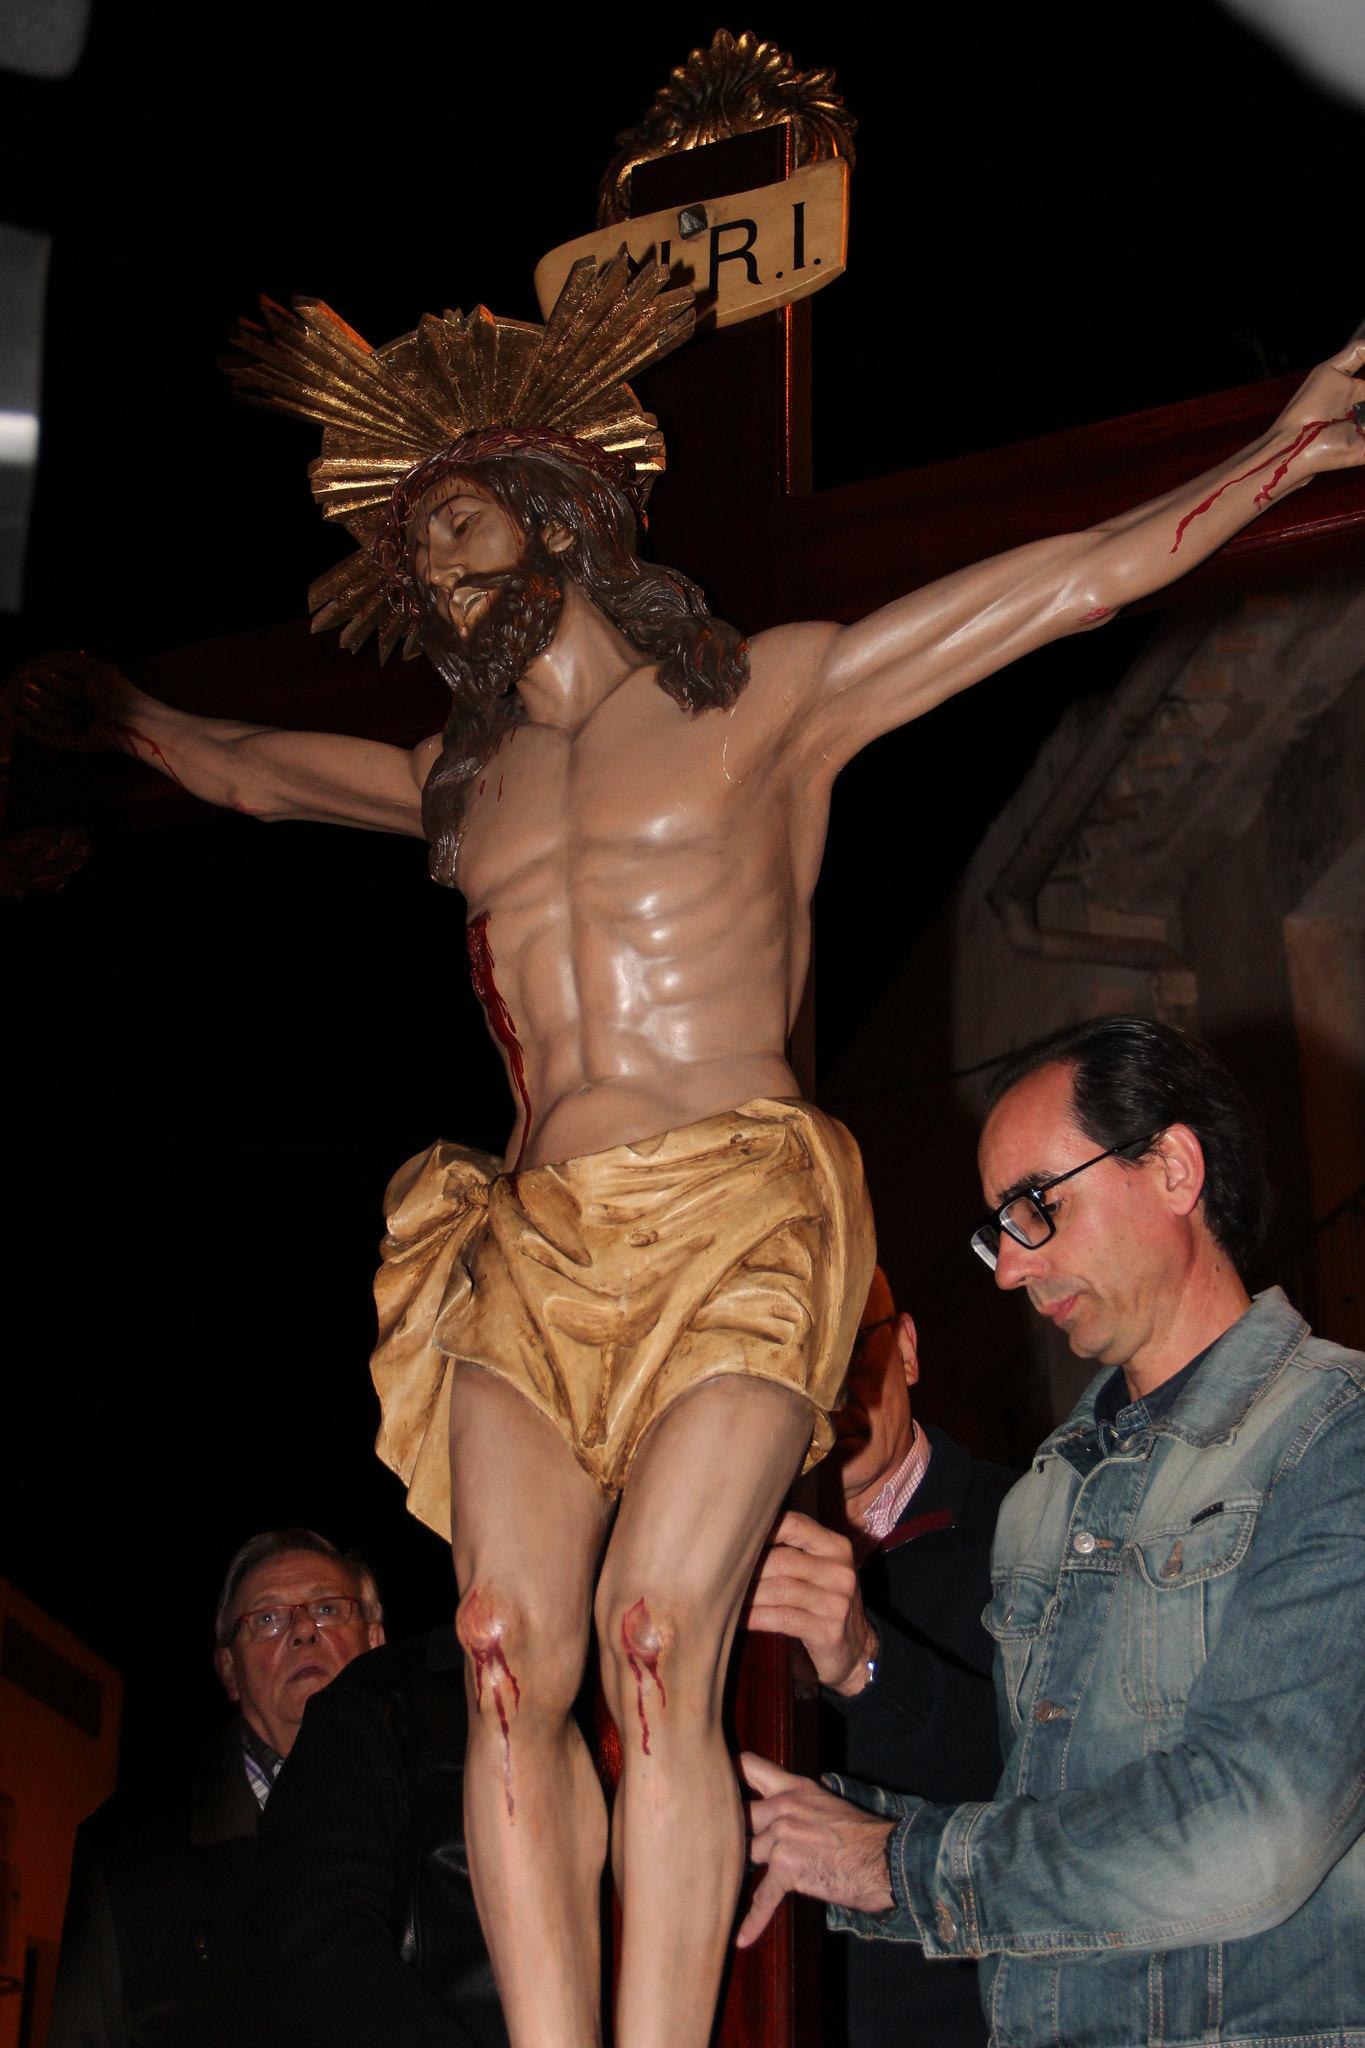 (2015-03-27) - VI Vía Crucis nocturno - Antonio José Verdú Navarro (16)